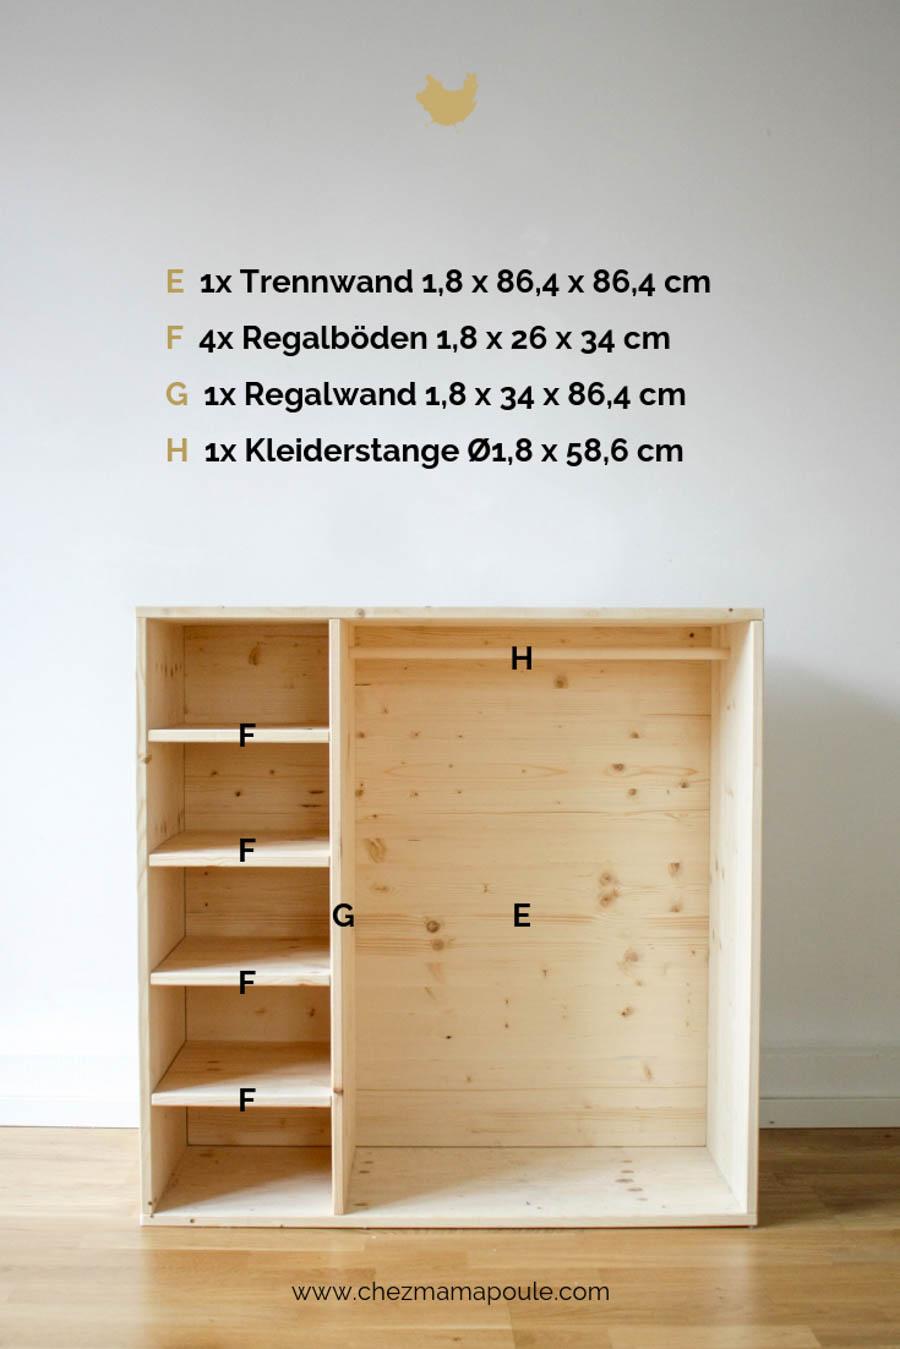 DIY Möbel: Kleiderschrank für Kinder, dieses Holz brauchts um Möbel selber zu machen und ein Montessori Kinderzimmer einrichten.